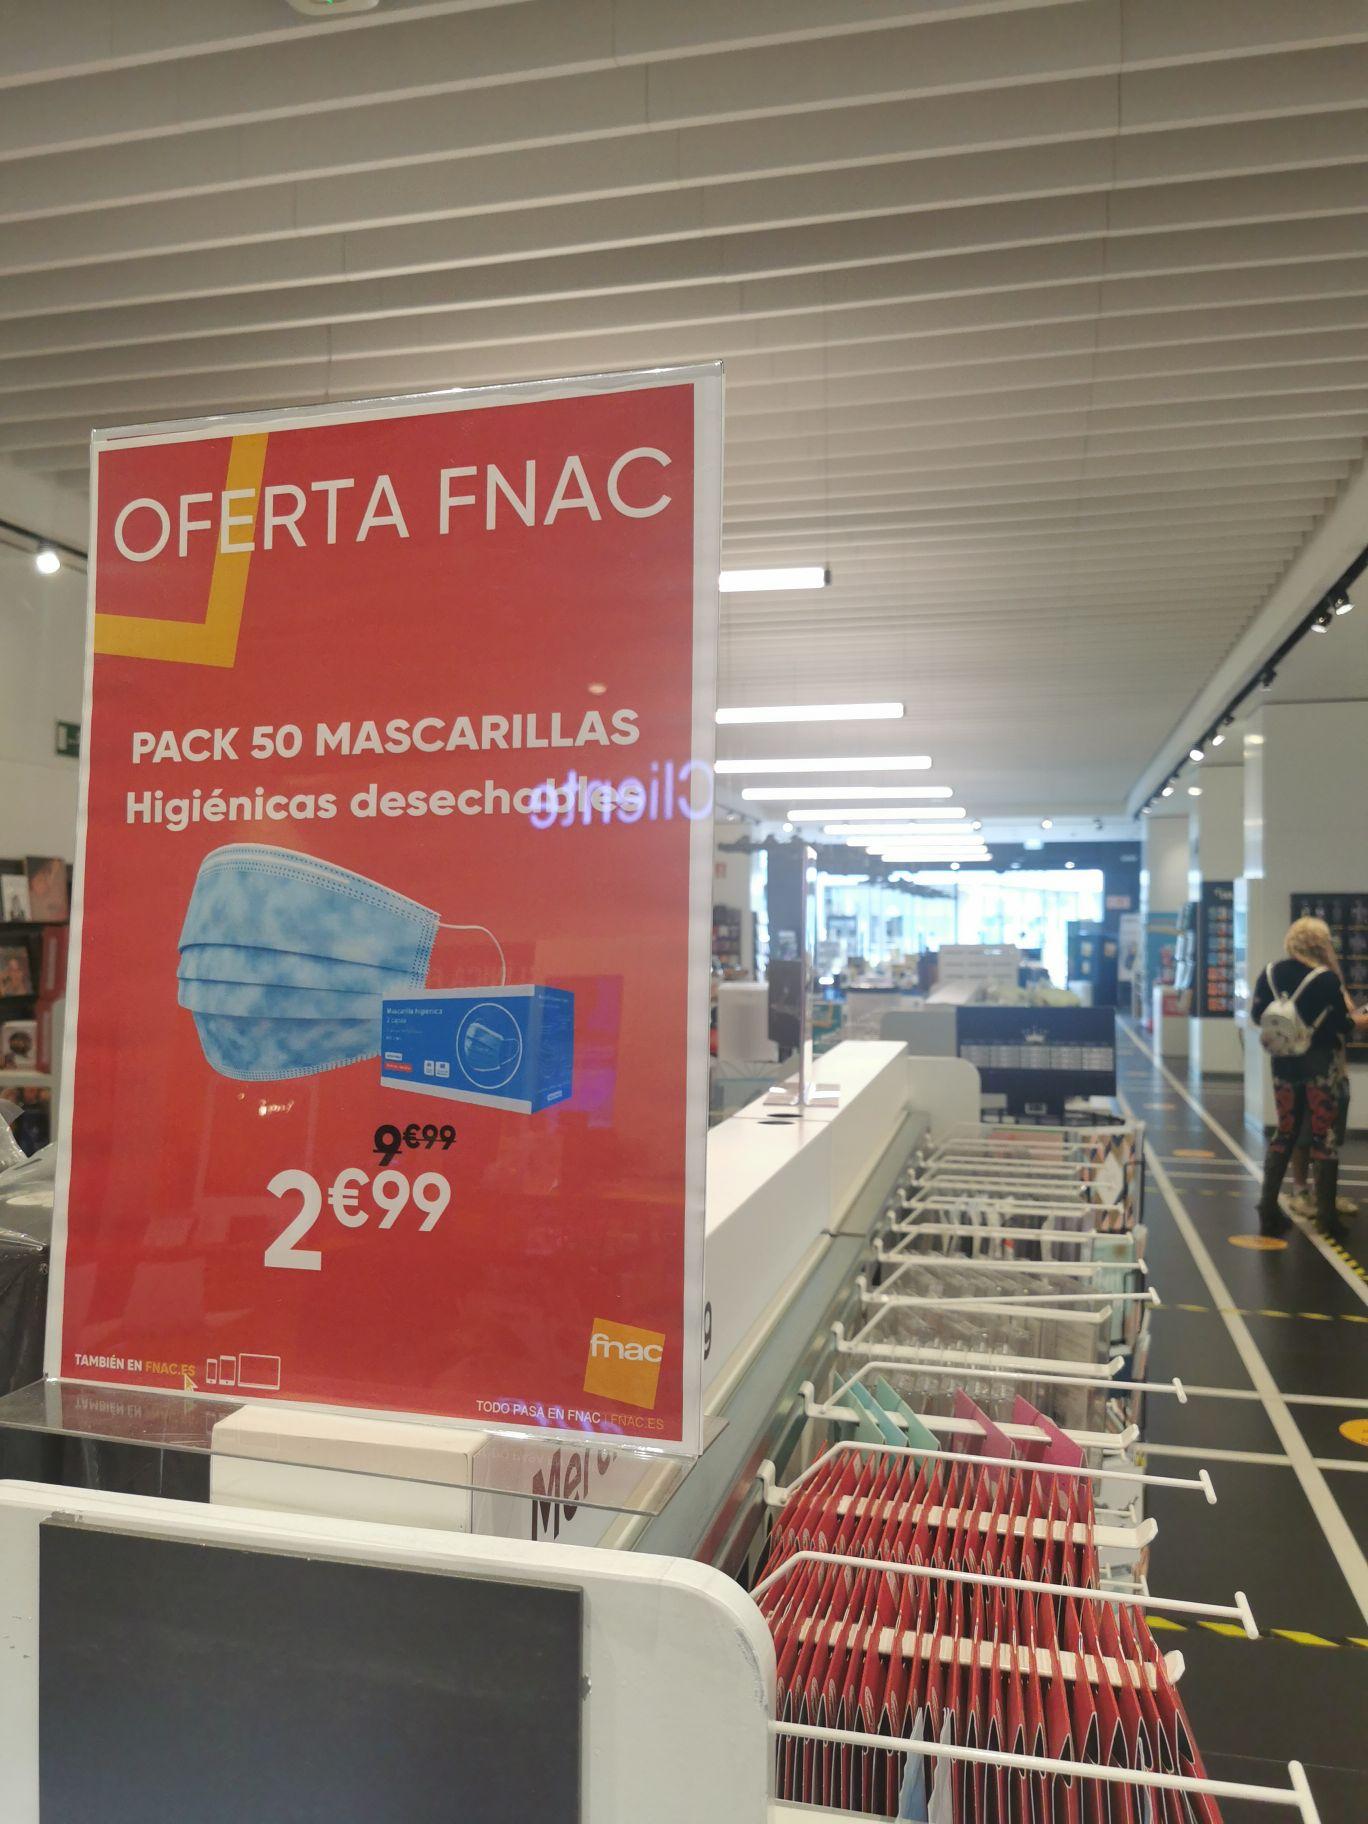 50 mascarillas fnac 2.99 (Zaragoza)